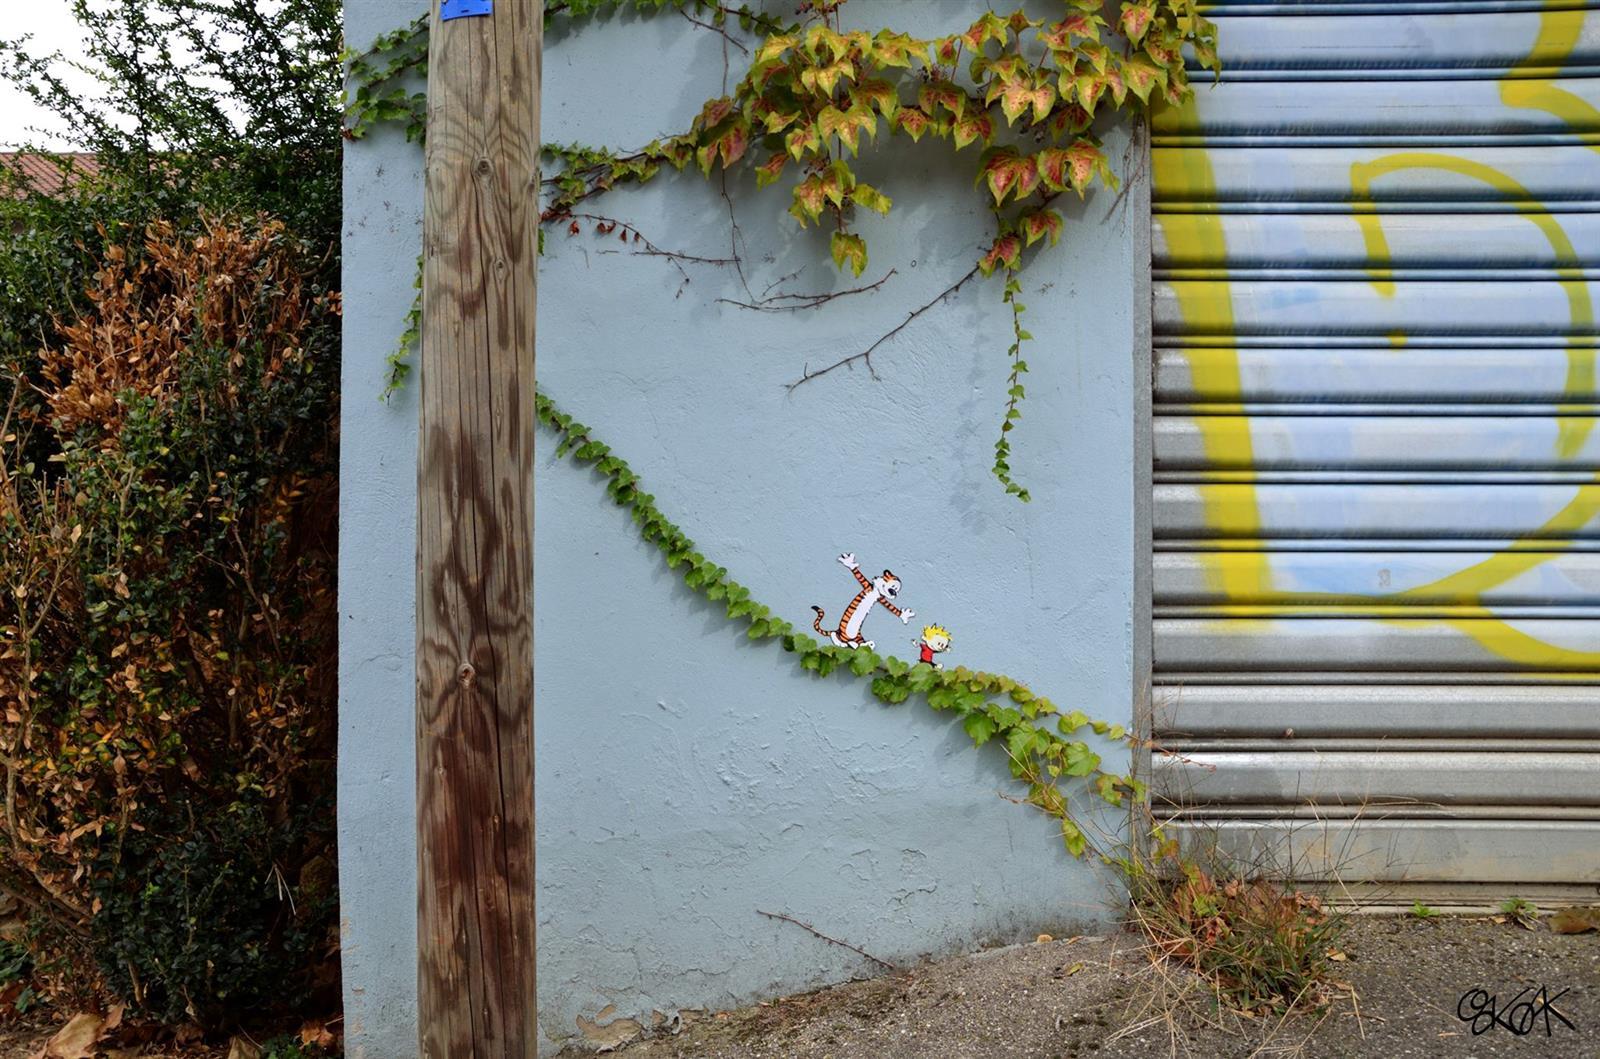 Street Art By Oakoak (17)